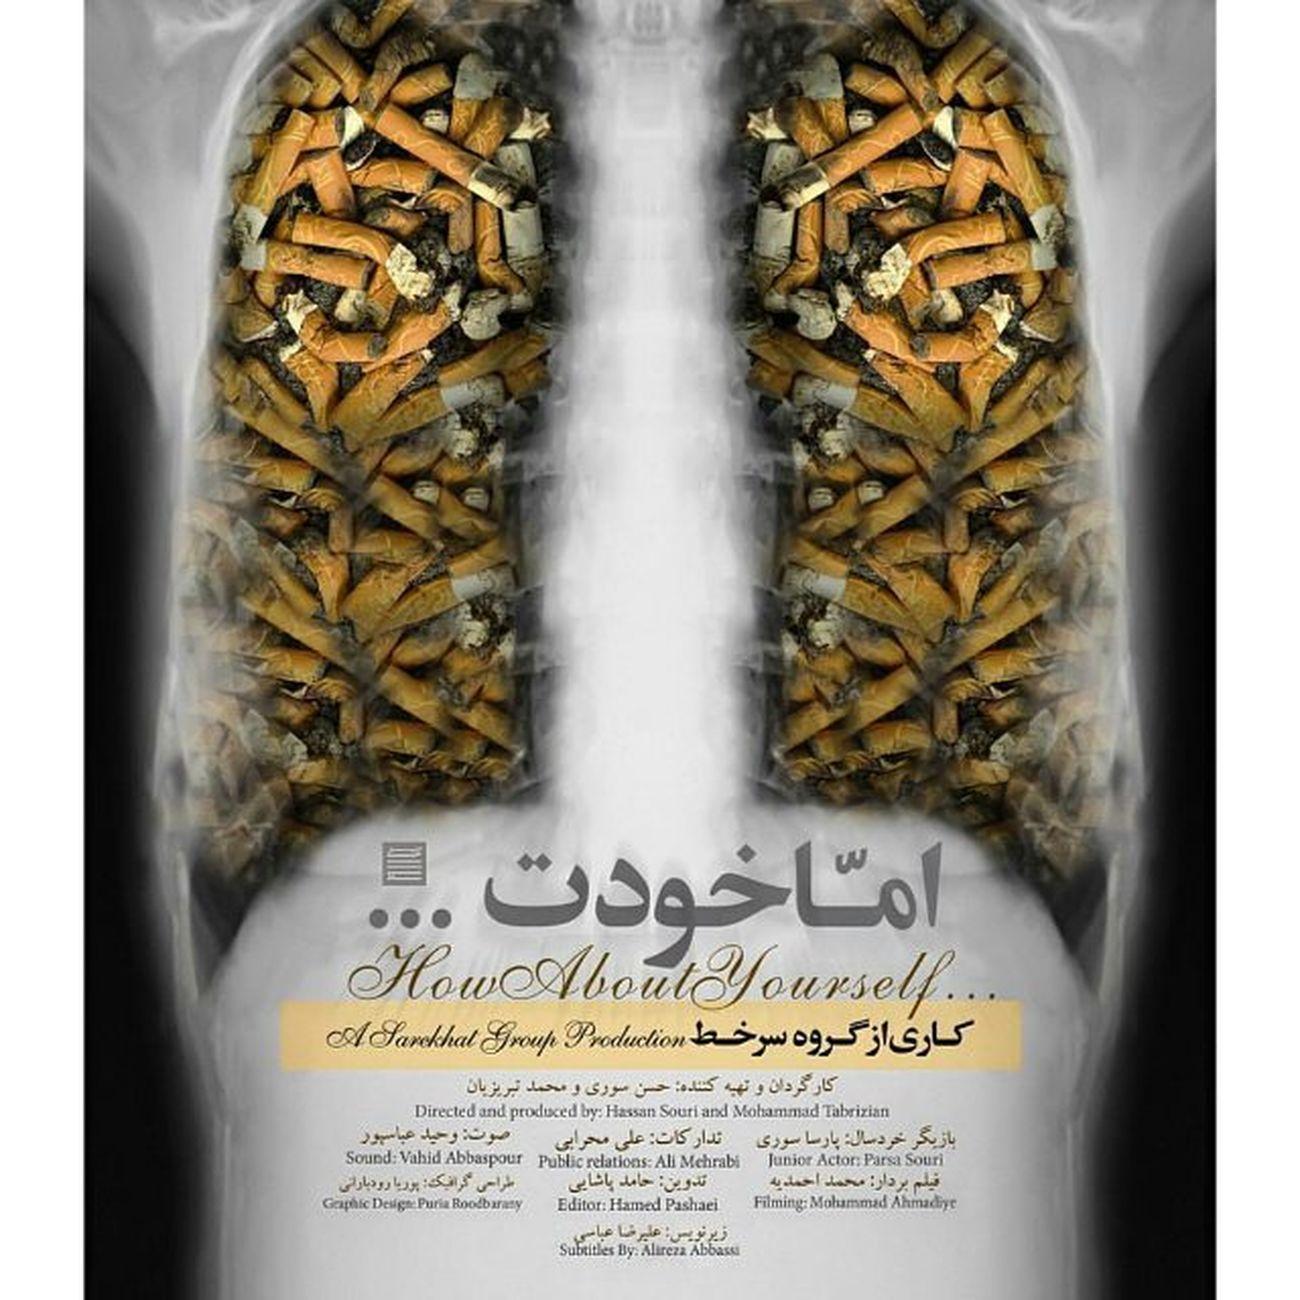 پوستر مستند اما خودت به سفارش گروه مستند سازی سر خط ... کولاکه مستندش شبکه سراسری خواهد گذاشت بچه_های_فعال_لندن_نشین 😁💎😍🙋 Sarekhat How_about_yourself @sarekhat @sarekhat @sarekhat